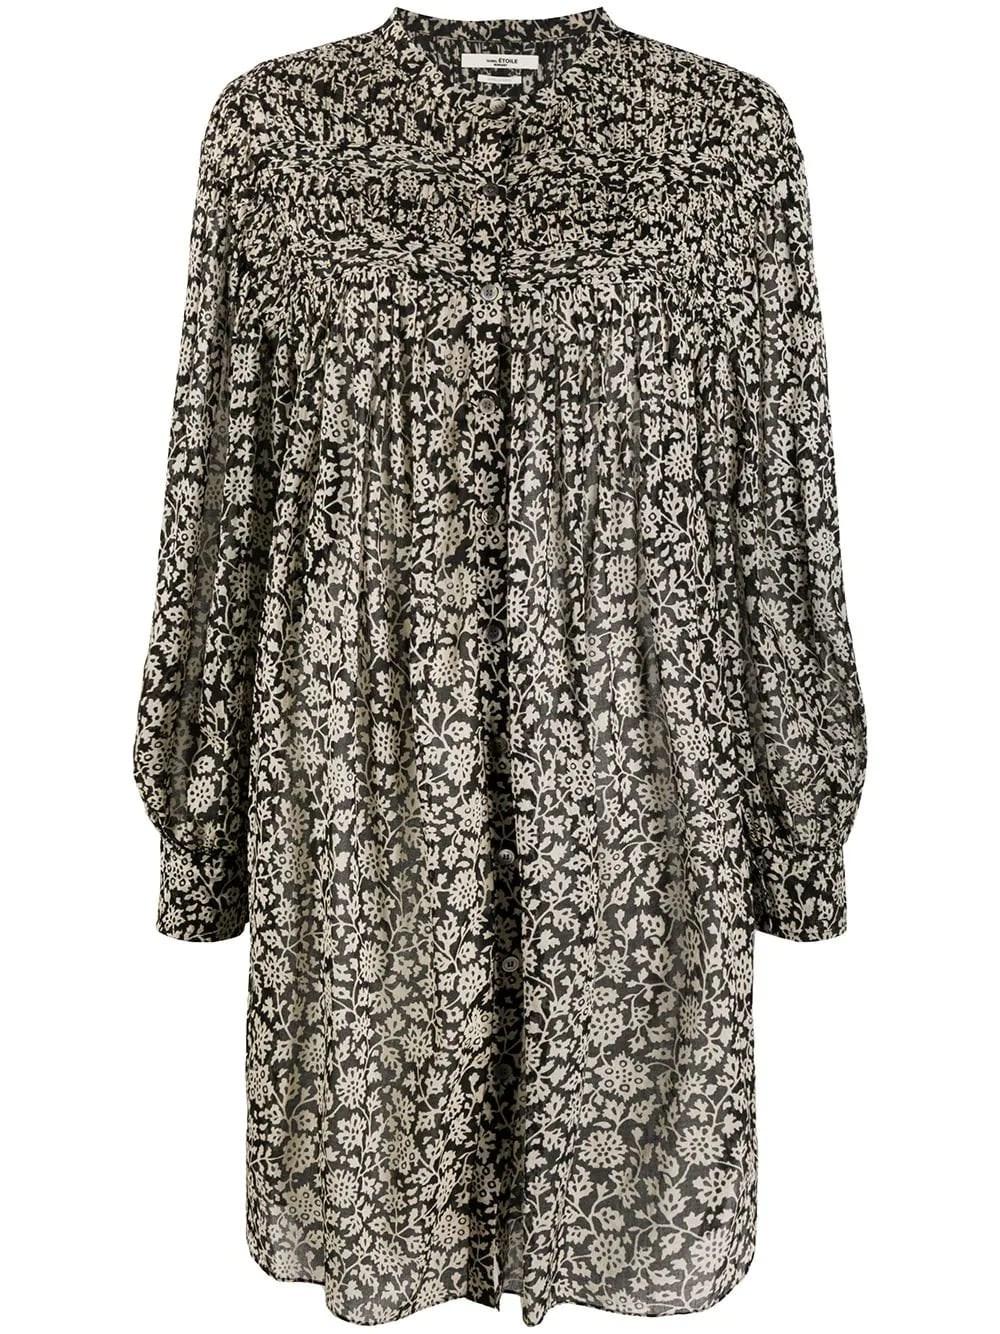 ISABEL MARANT ETOILE Flower Print Shirt Dress